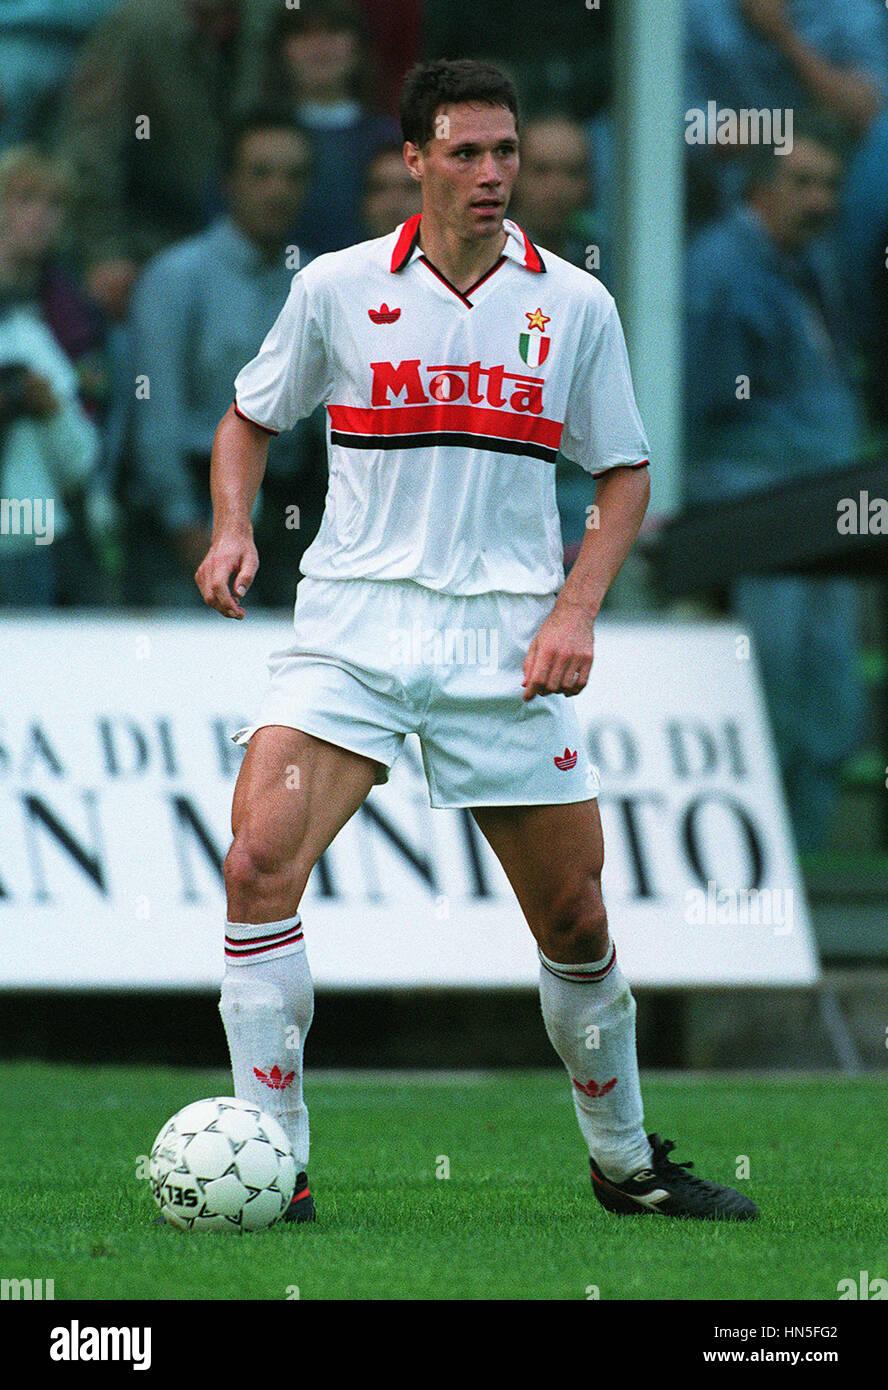 MARCO VAN BASTEN AC MILAN 06 October 1992 Stock Royalty